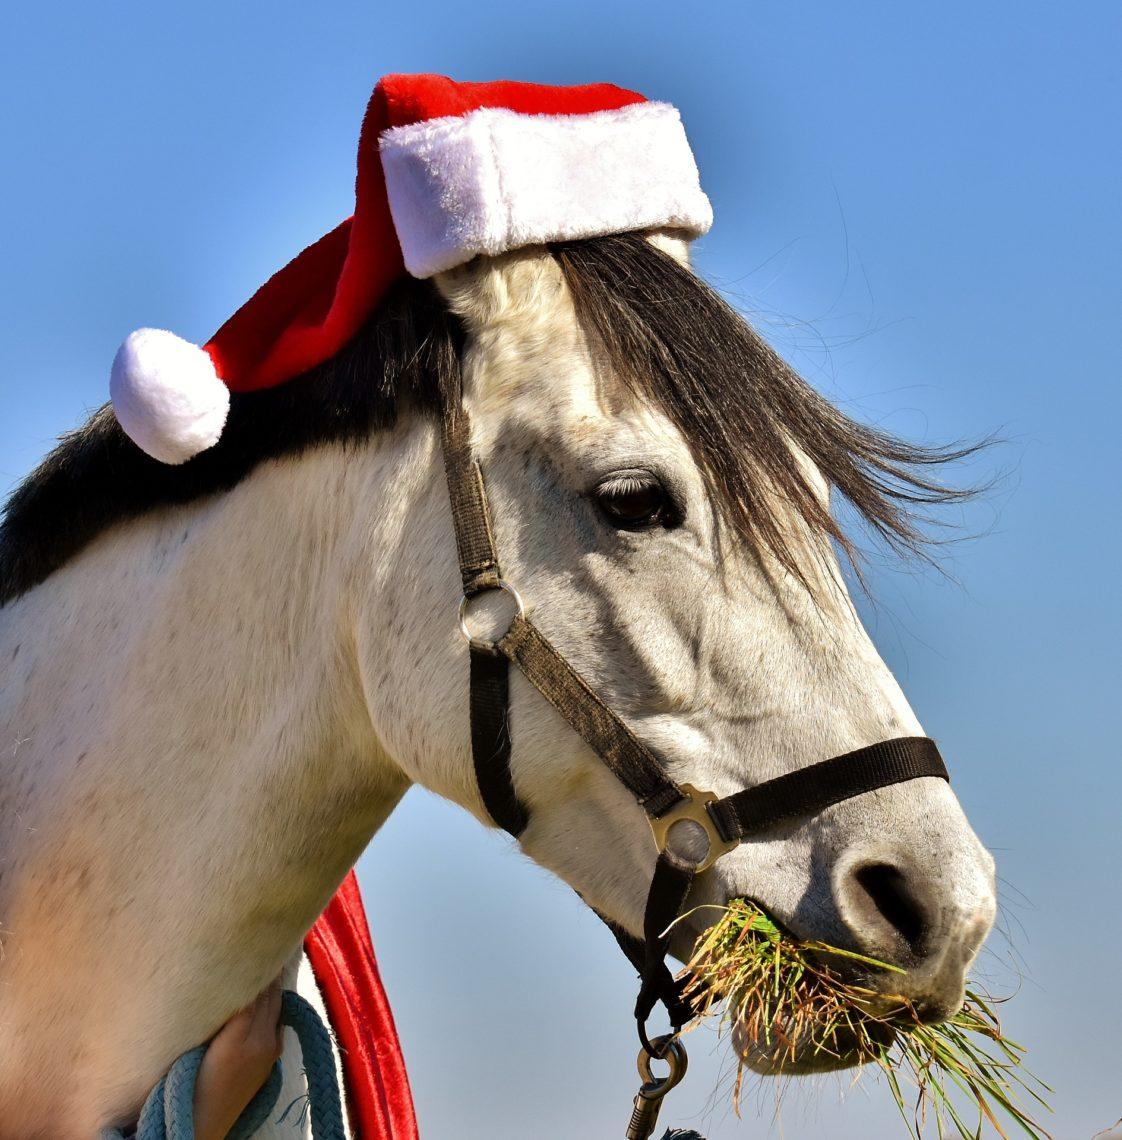 Vit häst med tomteluva över öronen och munnen full med hö.